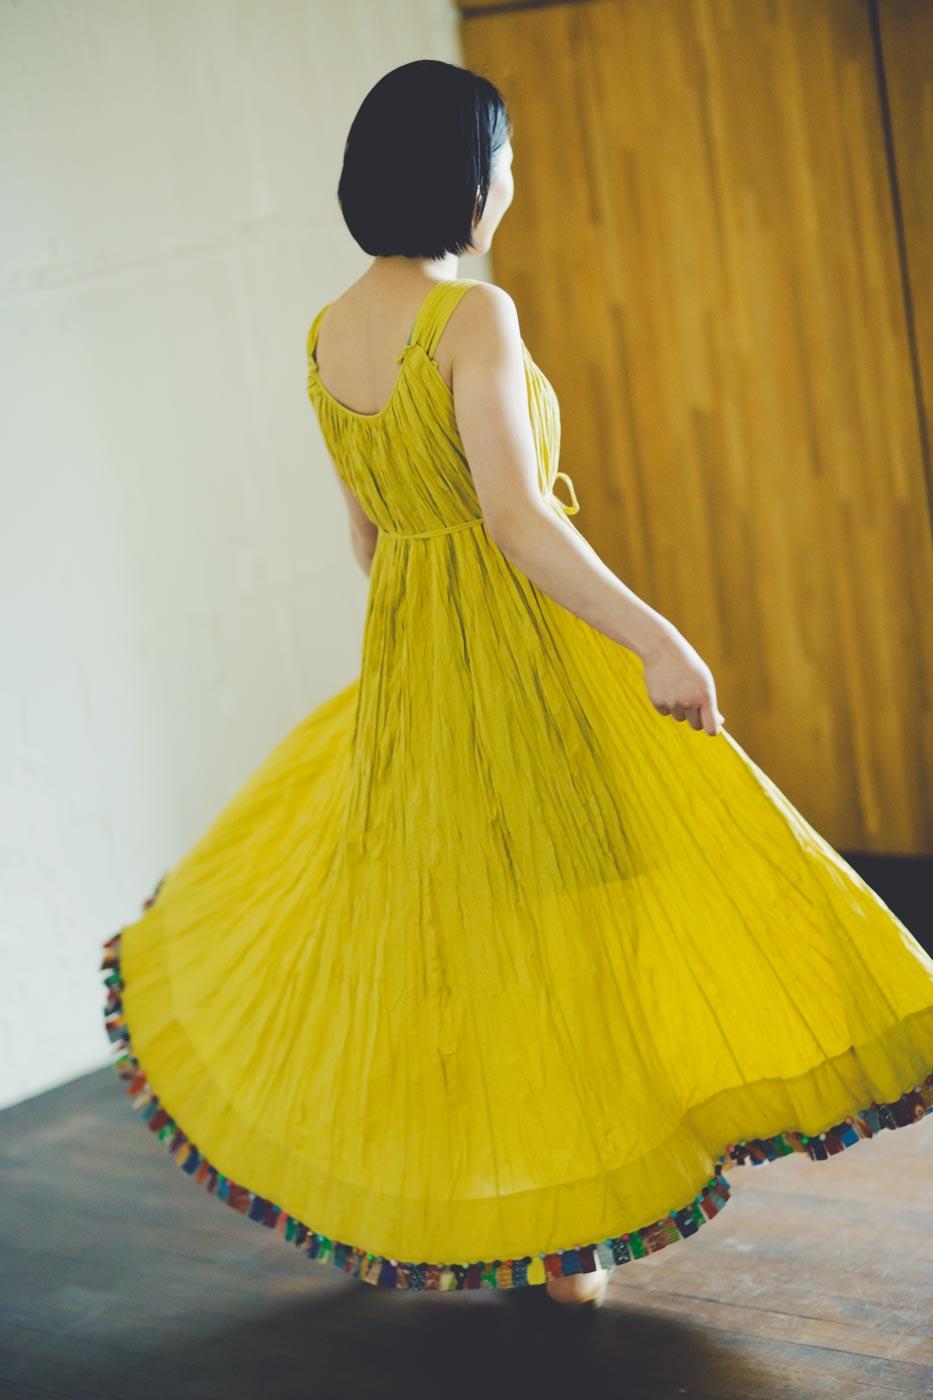 Babaghuri: Dress